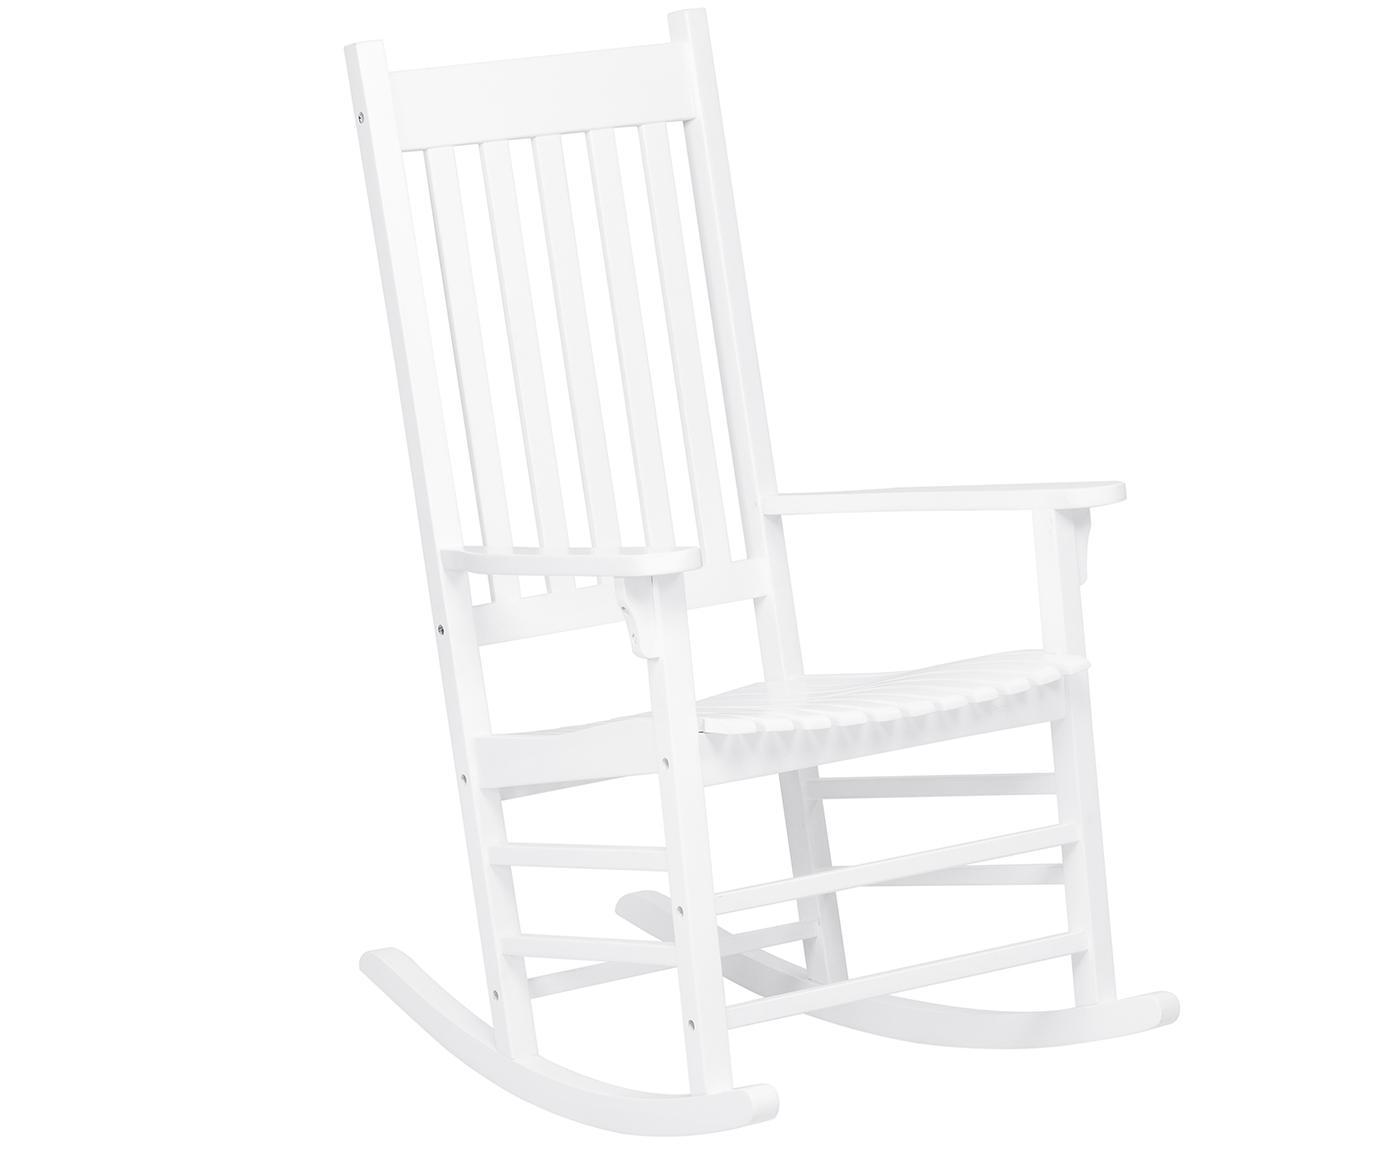 Sedia a dondolo da giardino Bay, Legno di acacia, verniciato, Bianco, Larg. 84 x Prof. 68 cm